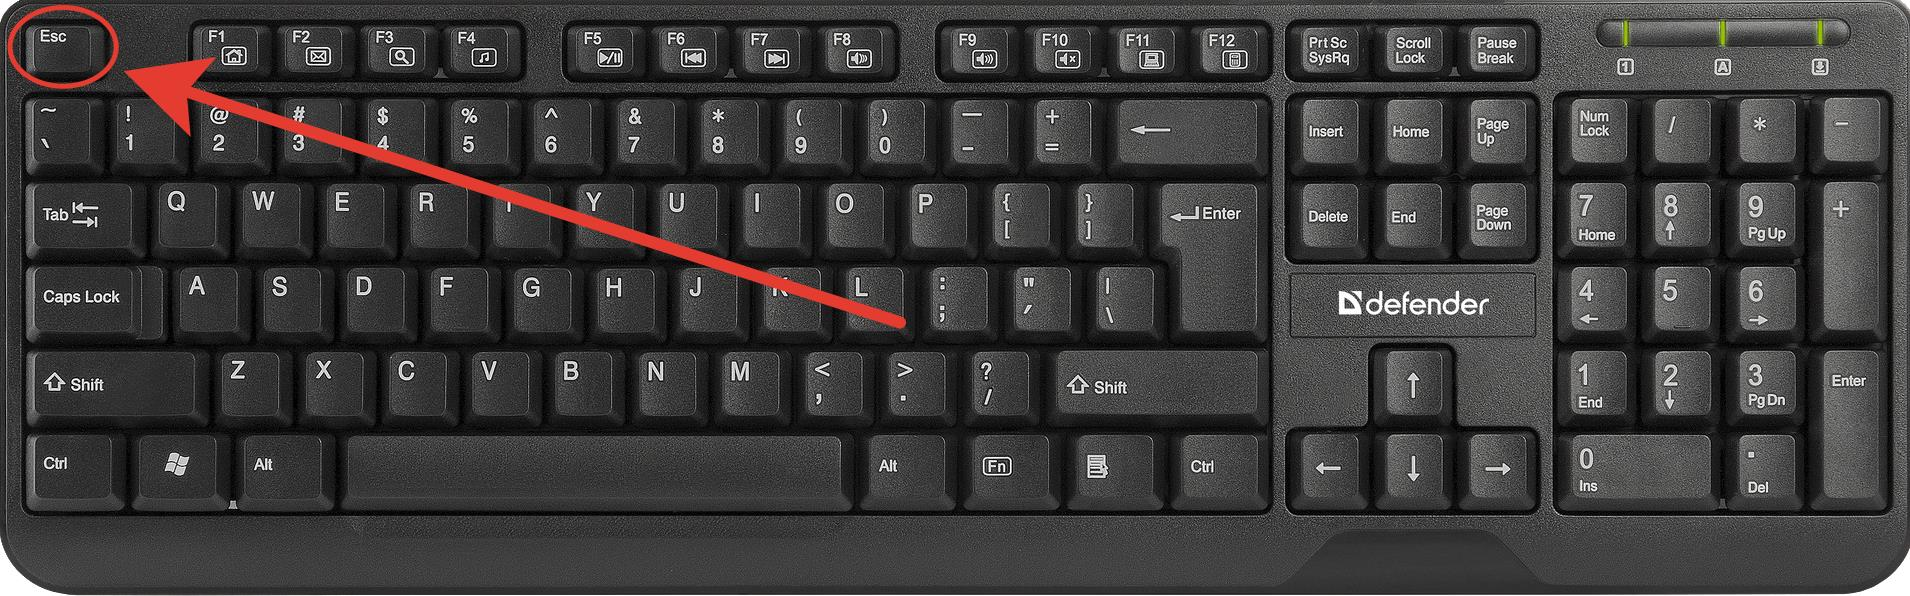 Клавиша esc для выхода из режима колонтитул